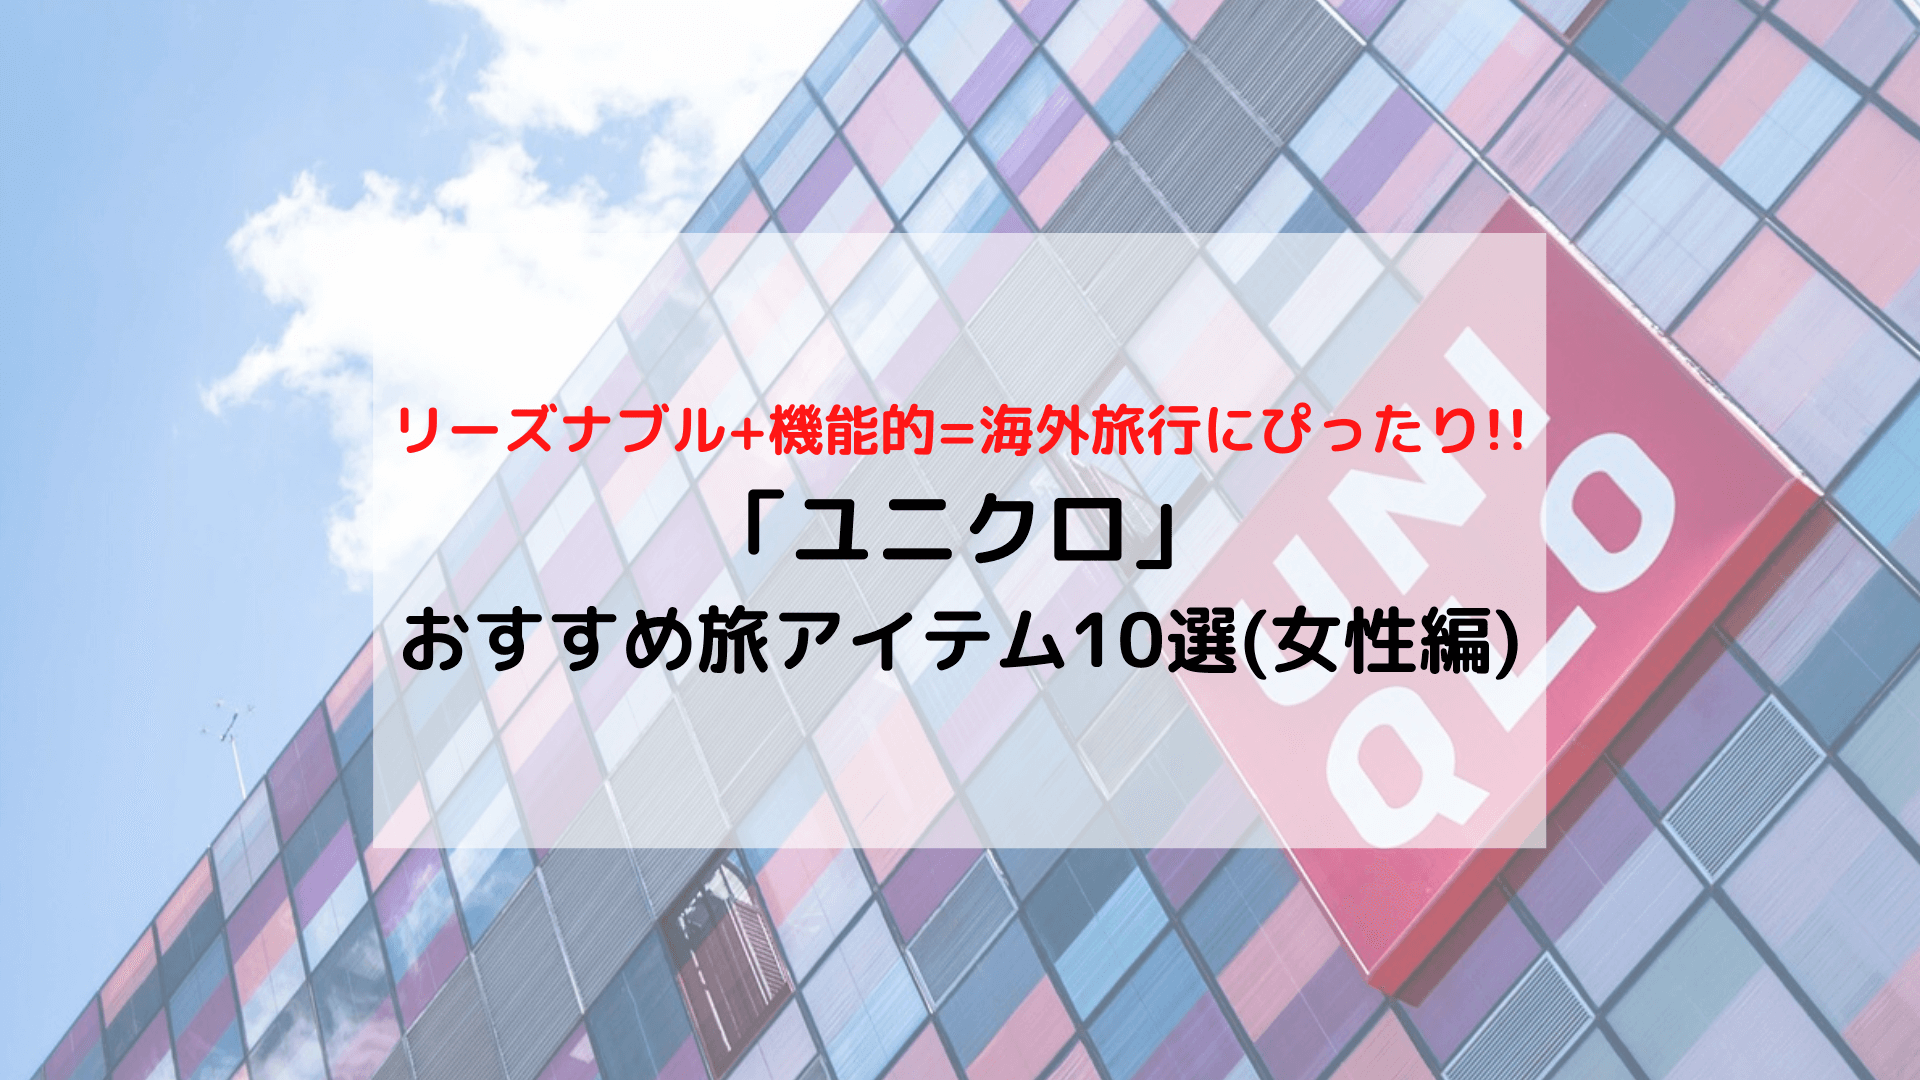 ユニクロおすすめ旅アイテム10選(女性編)